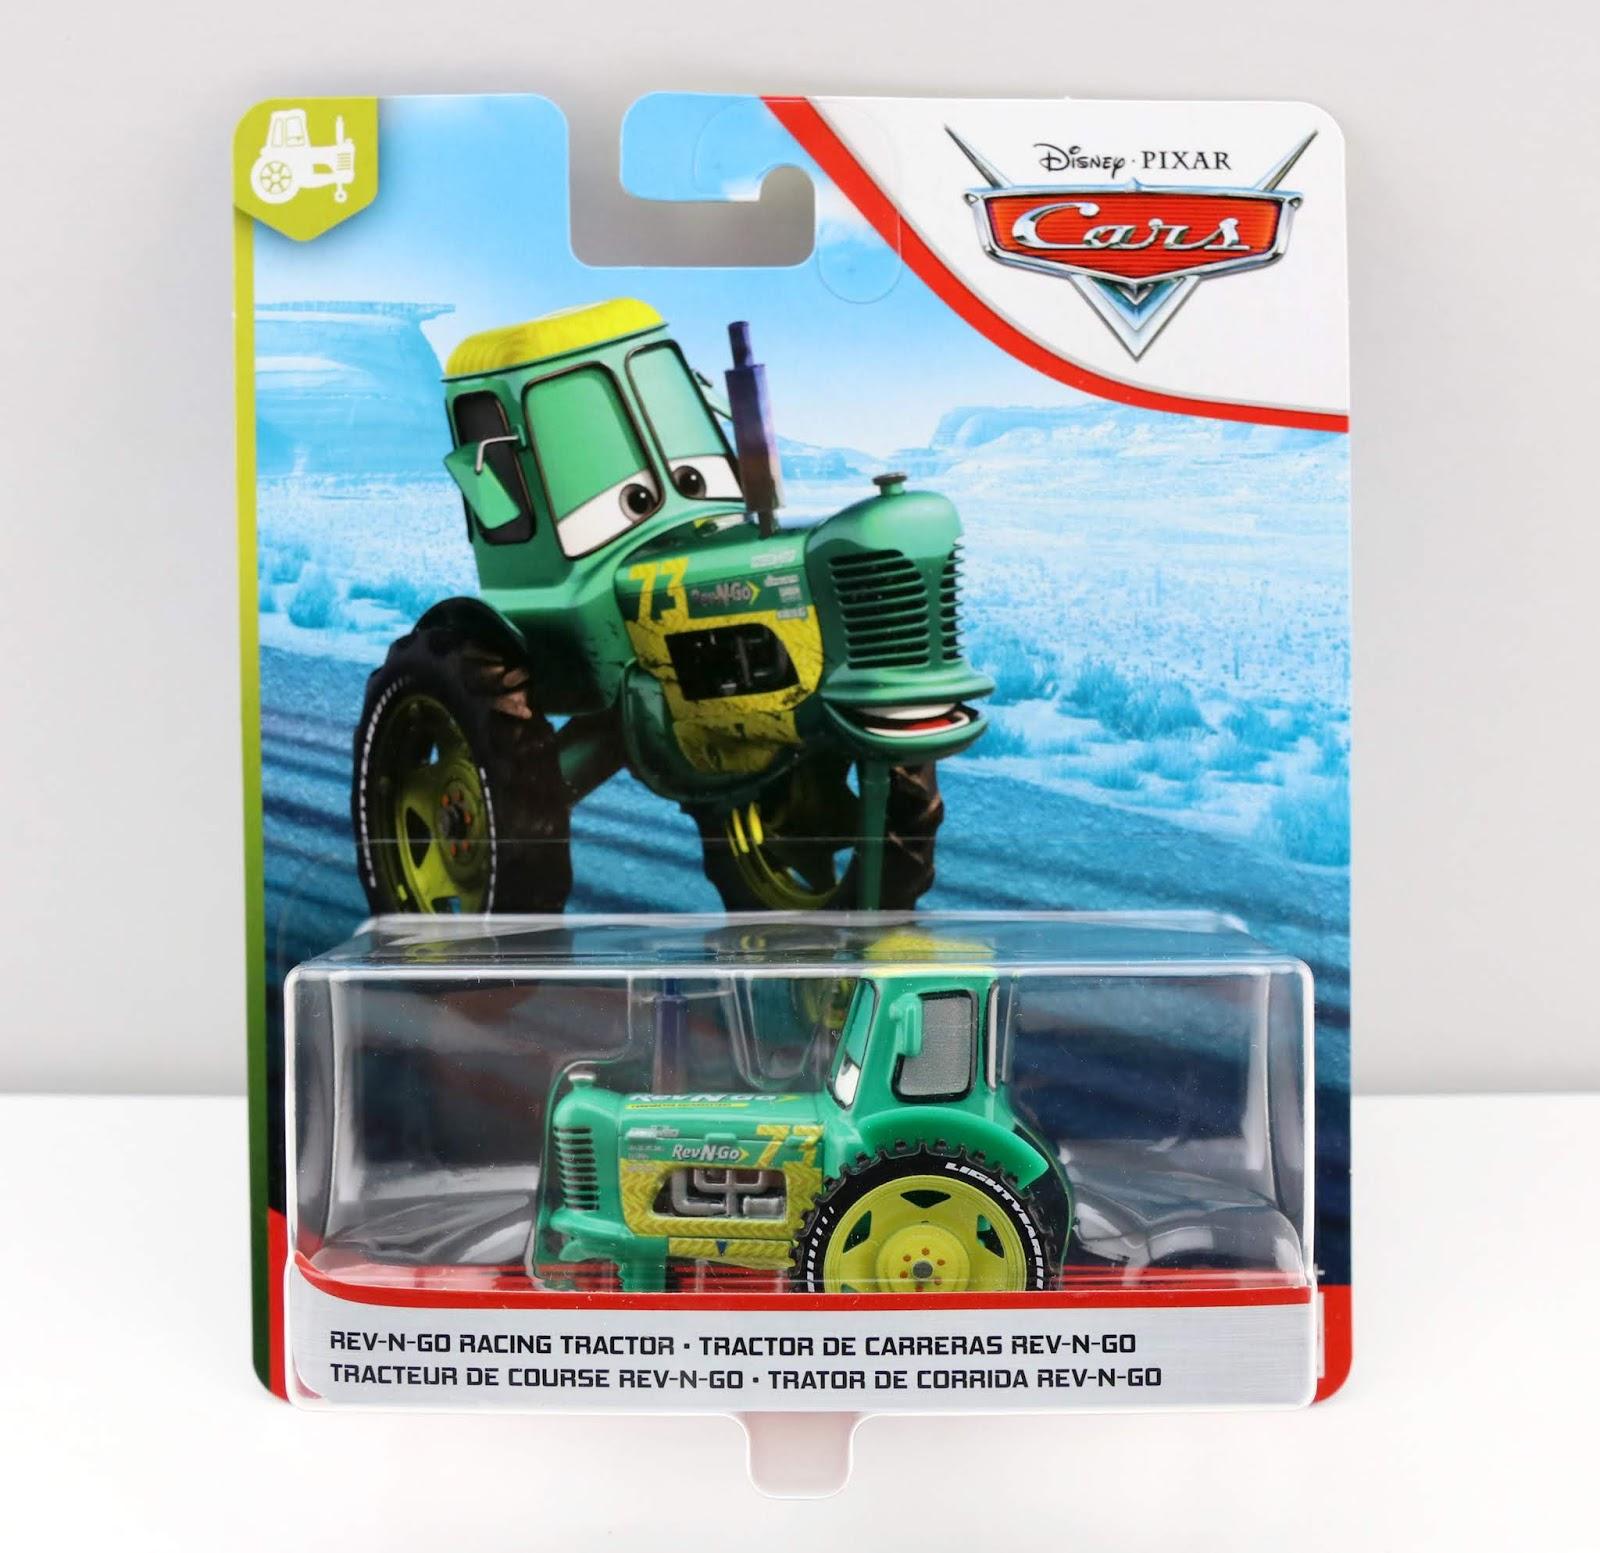 Cars 3 Rev-N-Go Racing Tractor diecastCars 3 Rev-N-Go Racing Tractor diecast